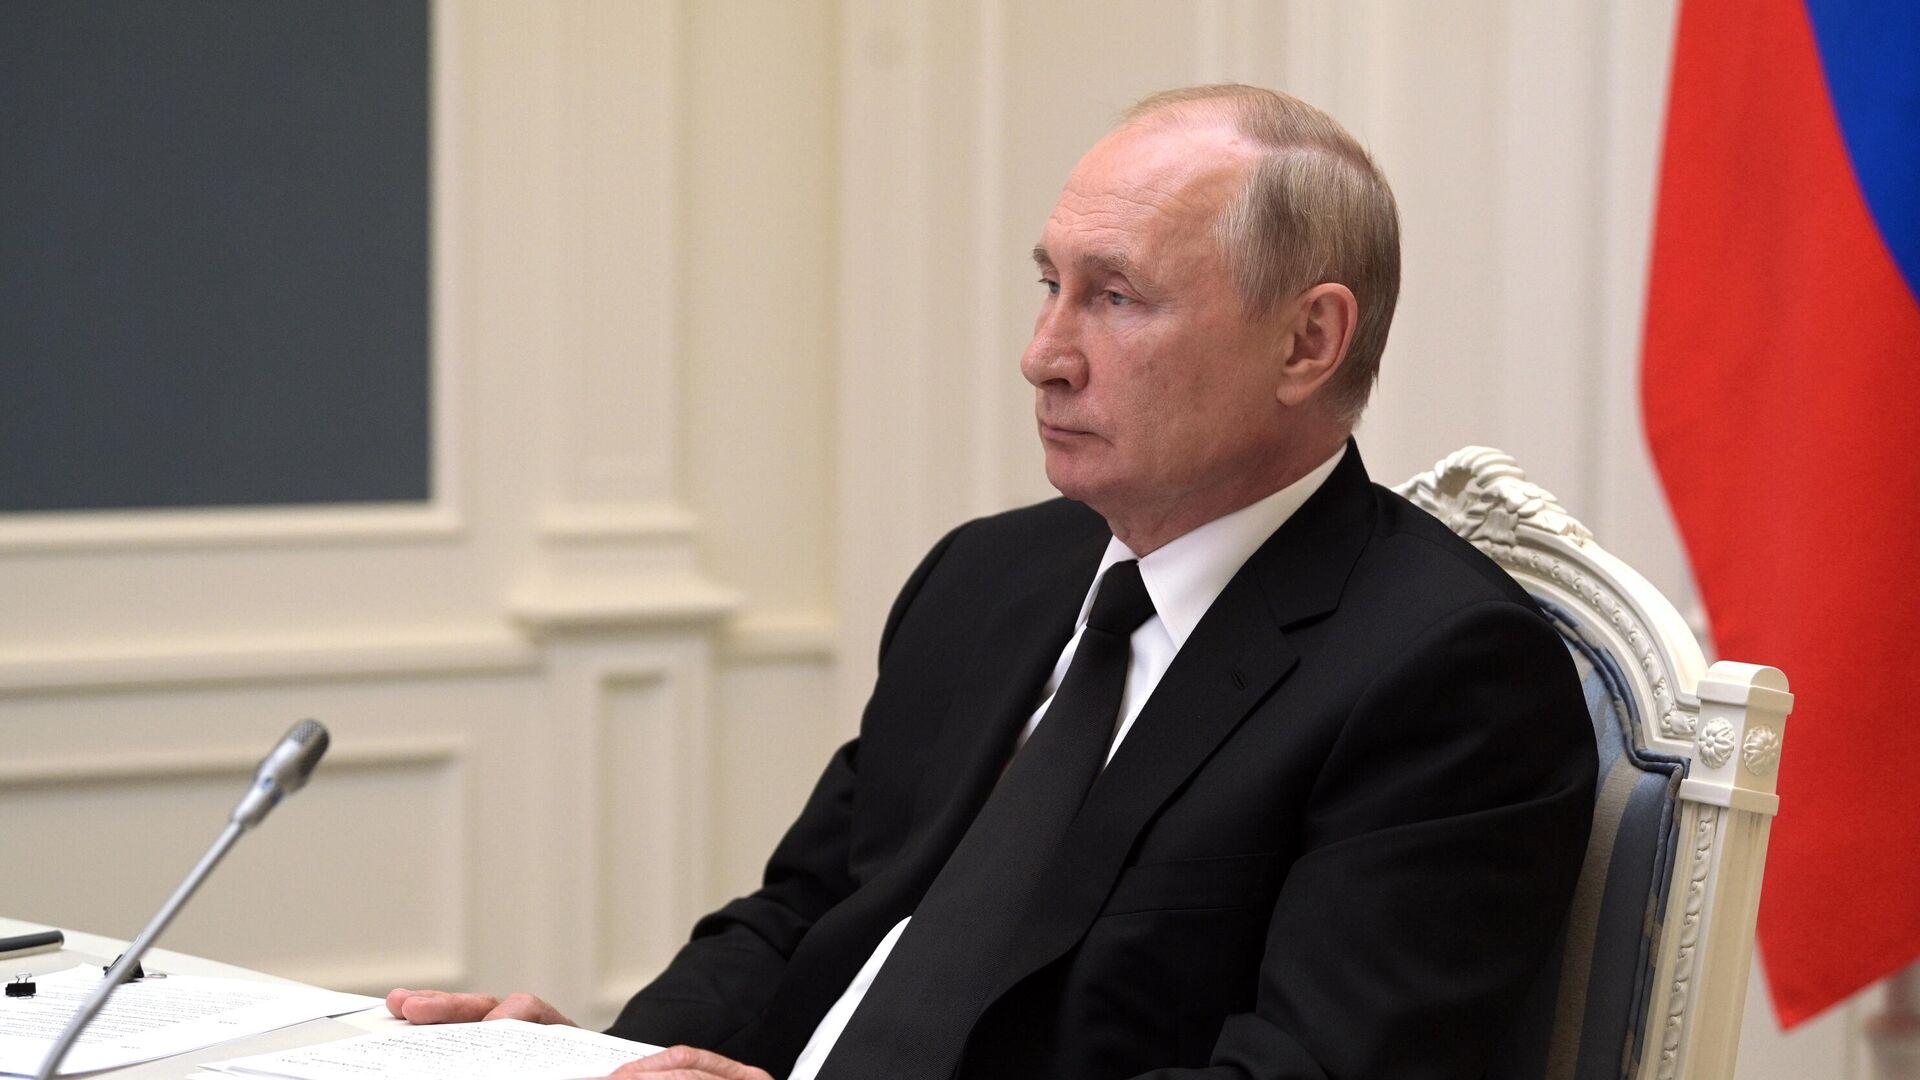 Президент РФ Владимир Путин принимает участие в XIII саммите БРИКС в режиме видеоконференции - РИА Новости, 1920, 14.09.2021